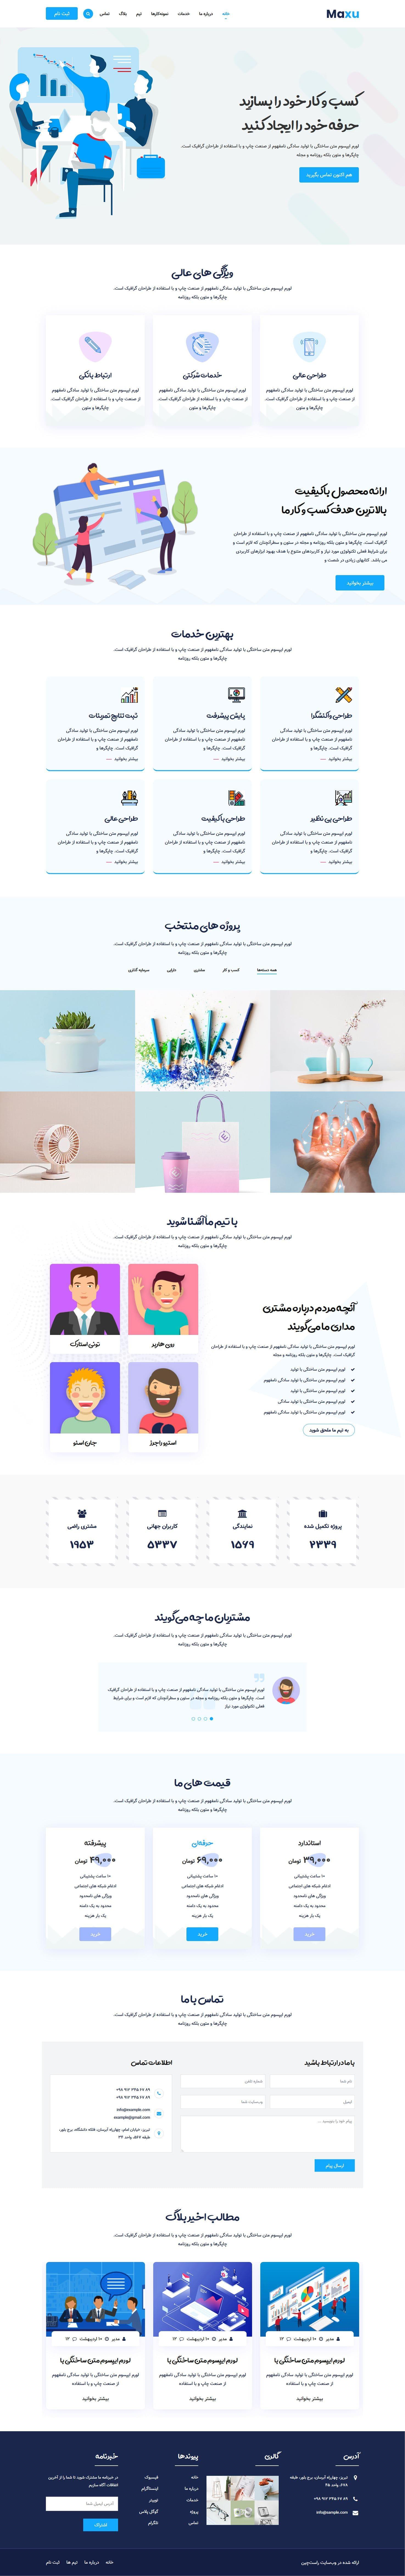 قالب Maxu پوسته HTML شرکتی با 15 فونت زیبای فارسی